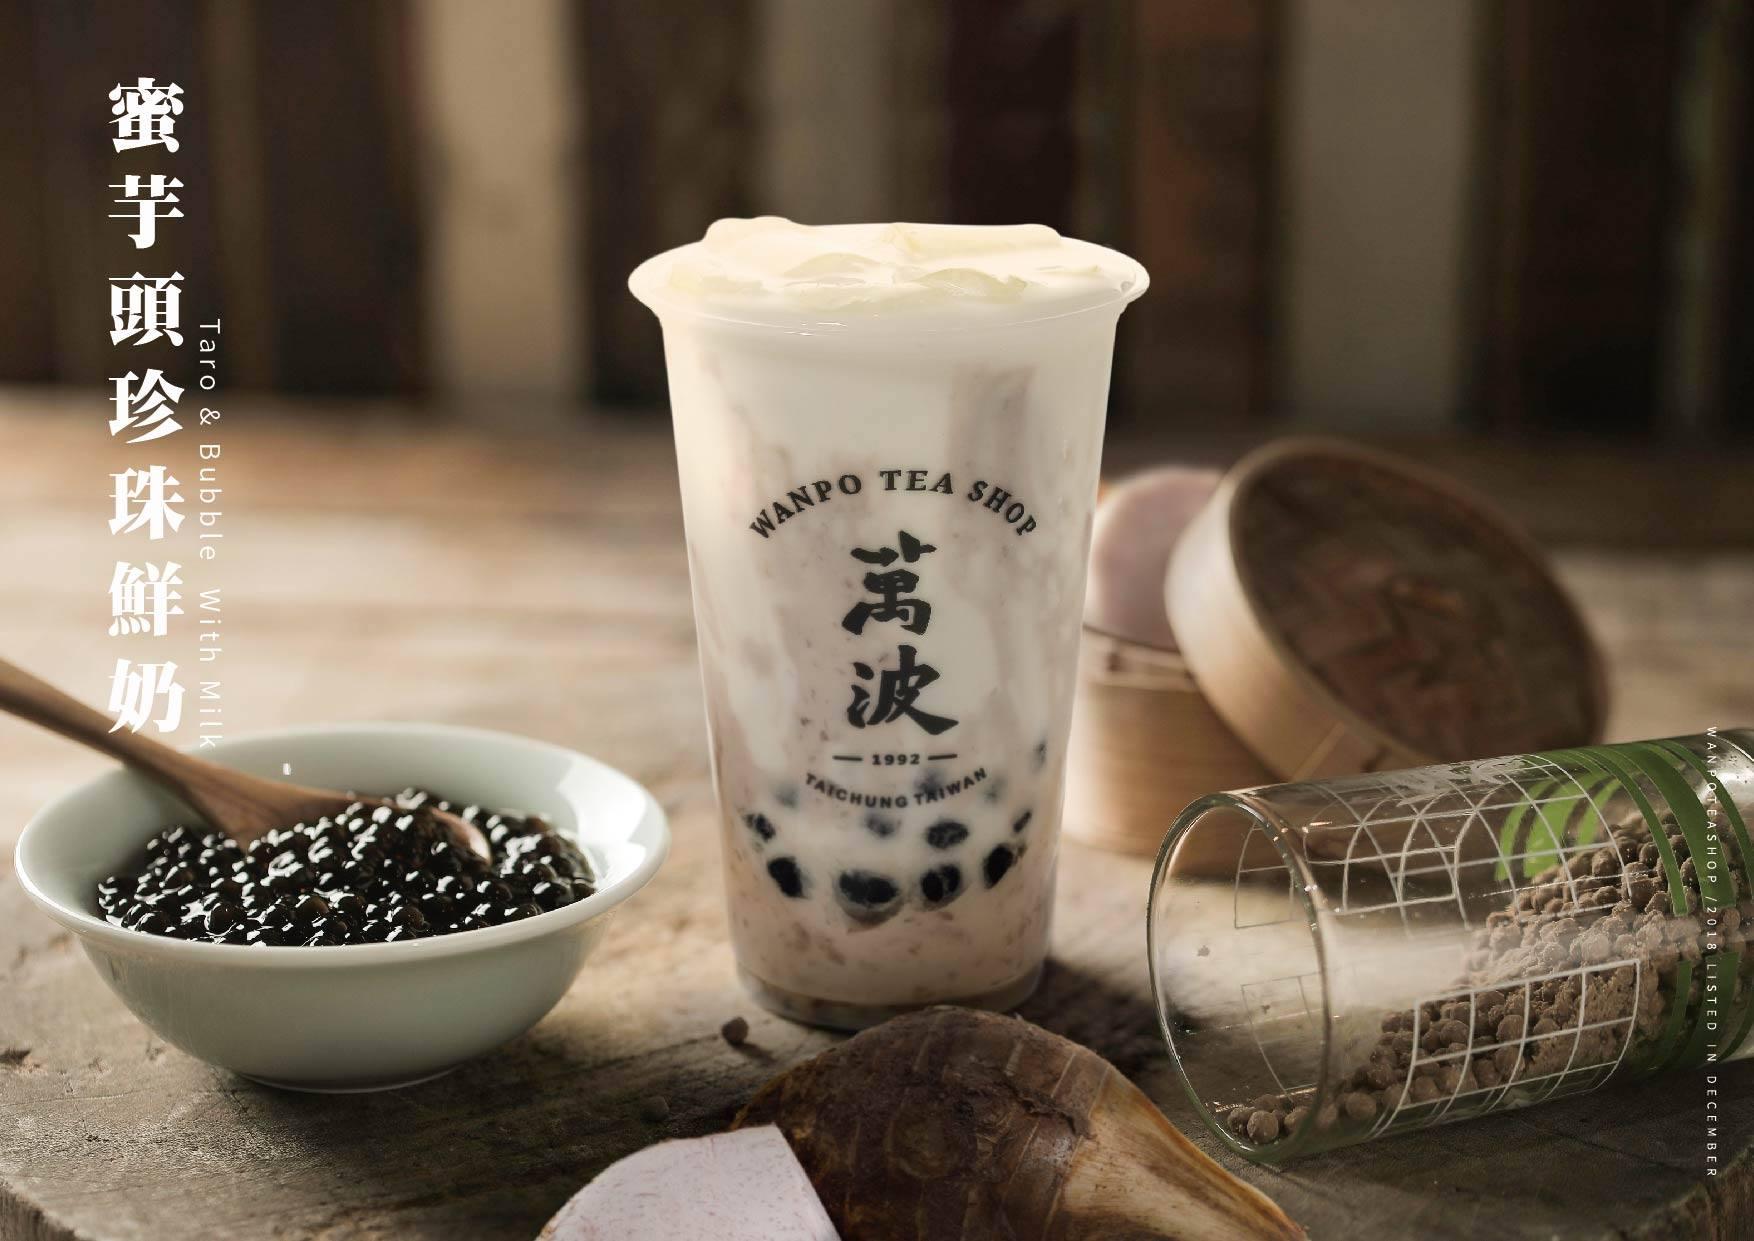 萬波島嶼紅茶 Wanpo Tea Shop 新竹新豐店 - Foody 吃貨